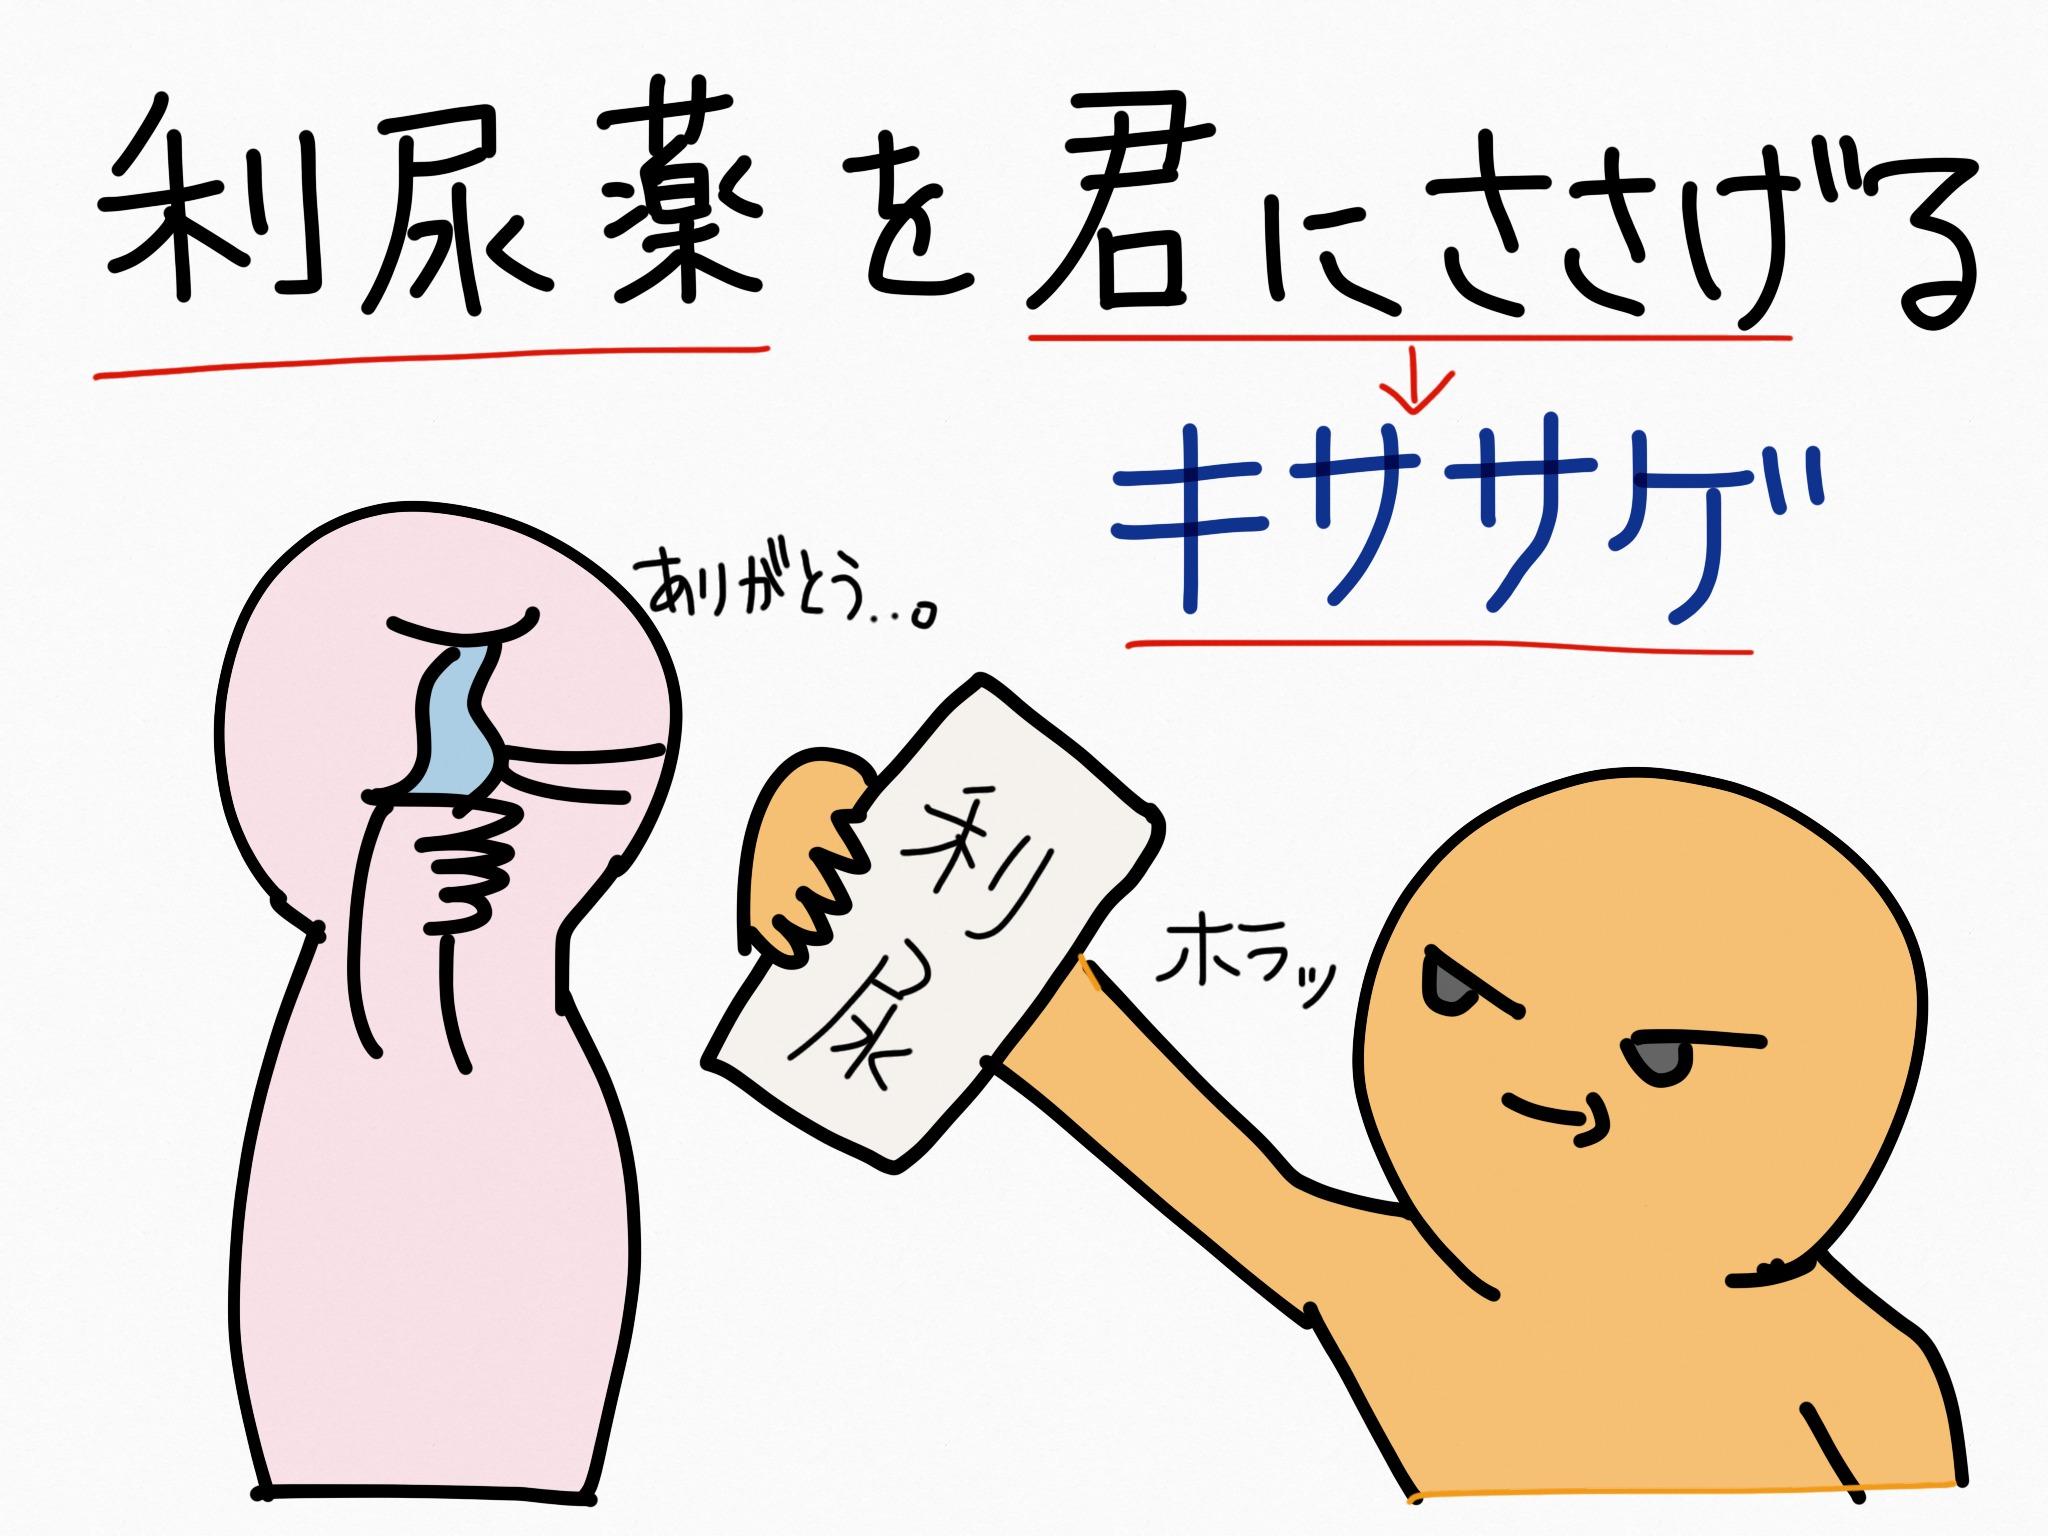 キササゲ[泌尿器用薬]生薬の覚え方・暗記方法・語呂合わせ